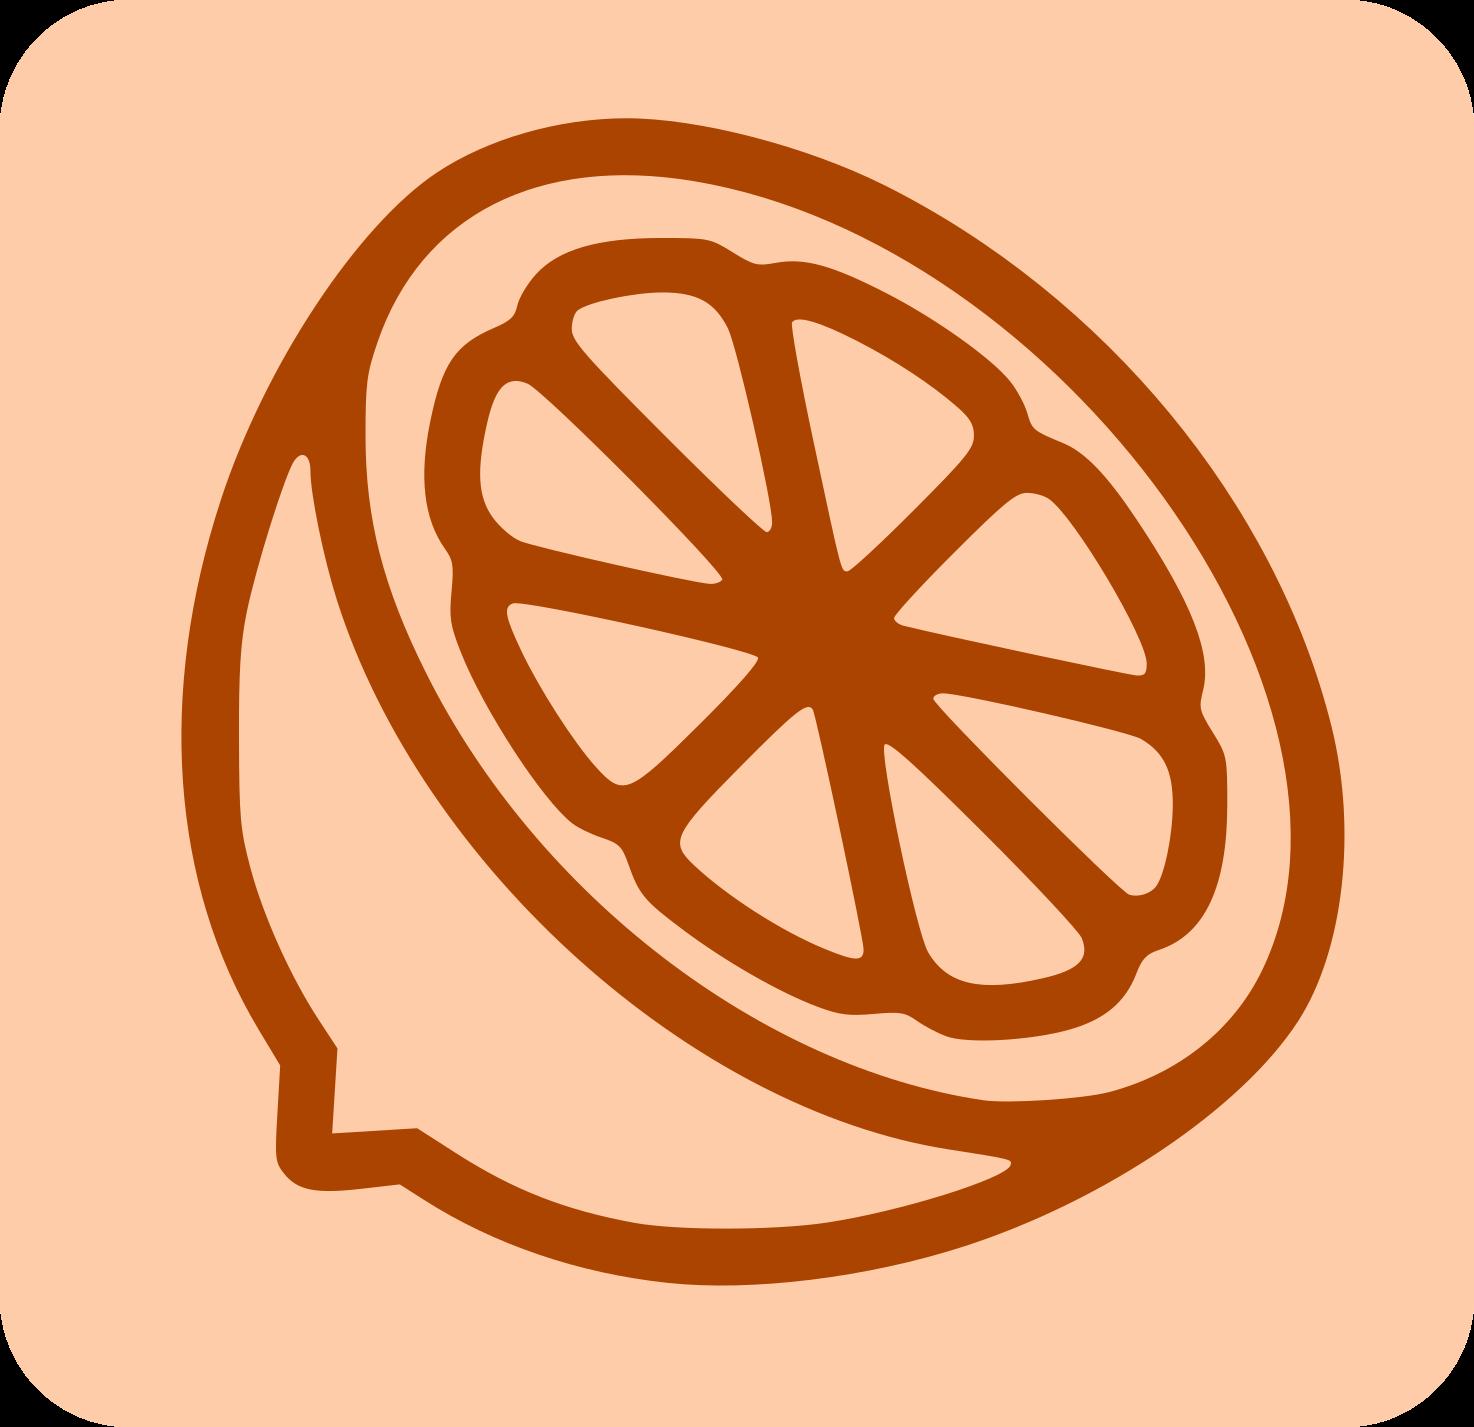 Meitat de Taronja